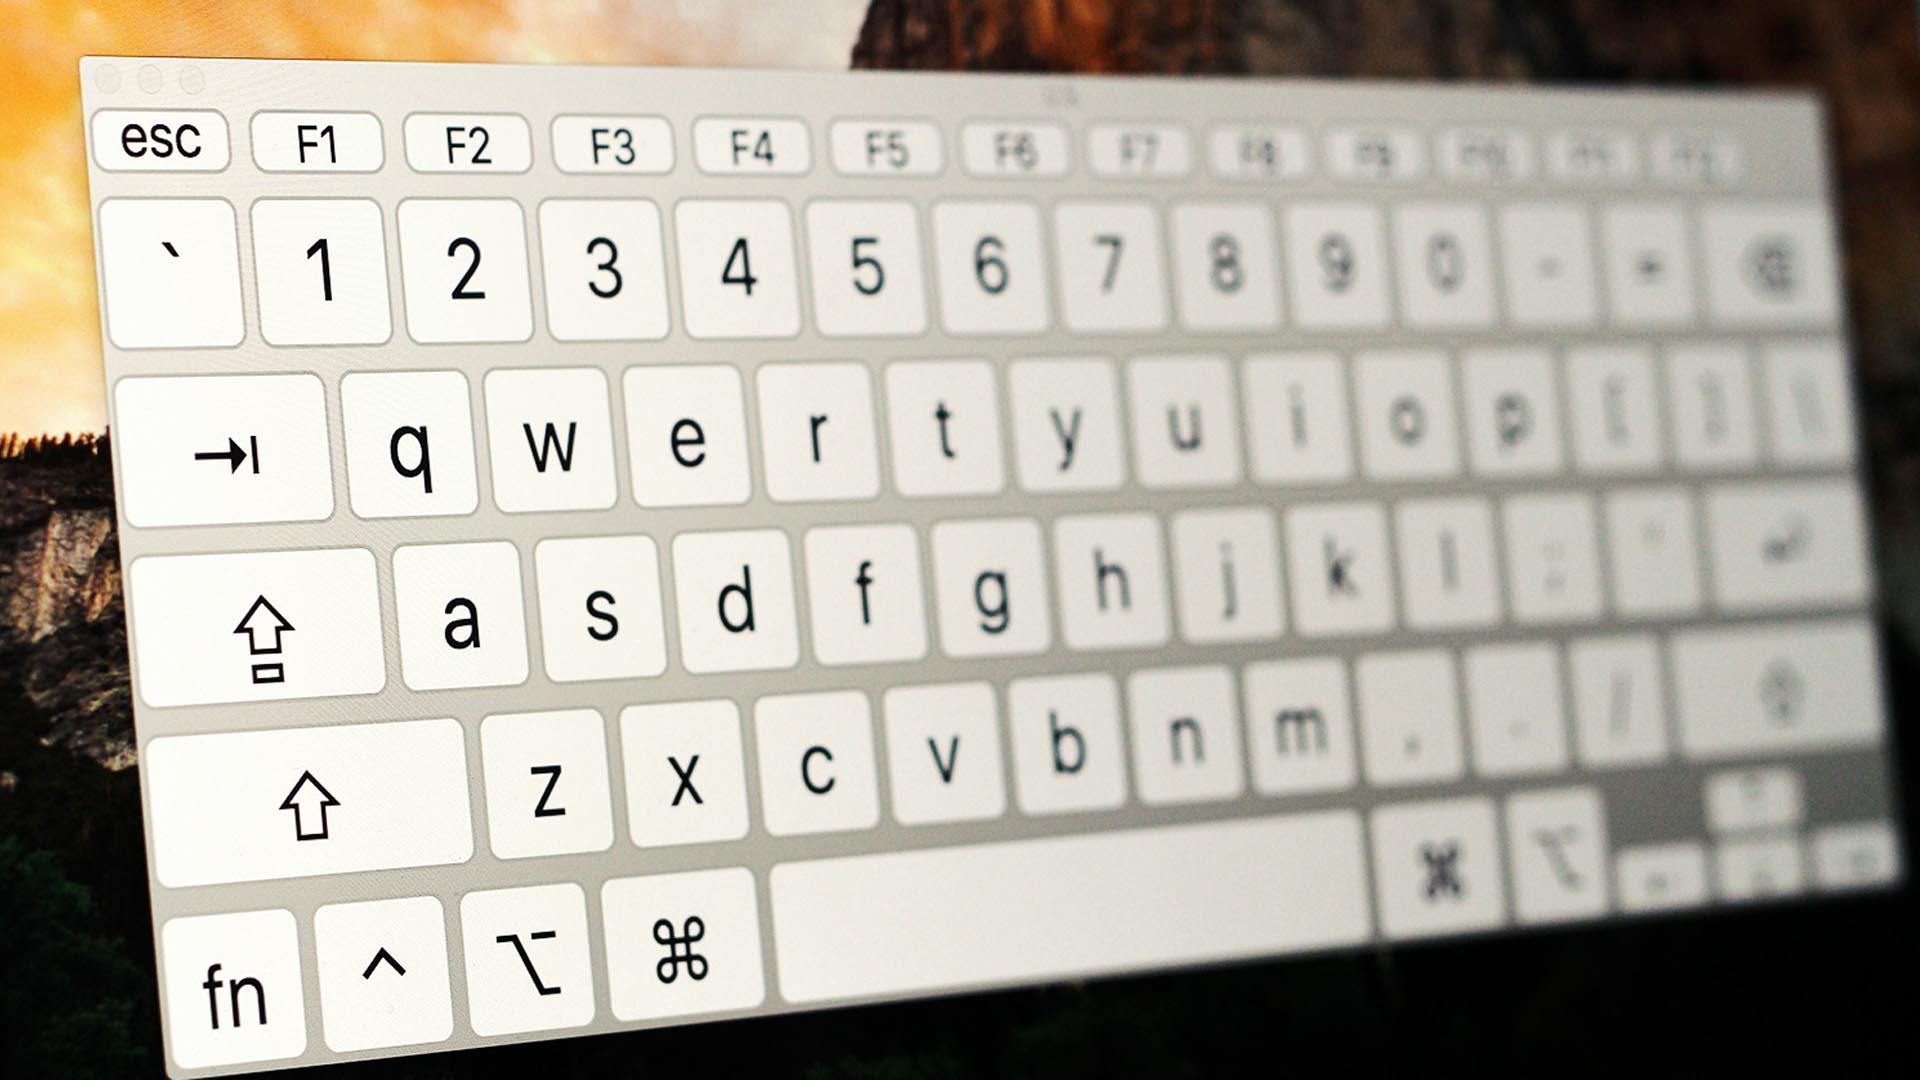 بالصور رموز الكيبورد , لكتابه اسهل تعرف على رموز الكيبورد 5747 3